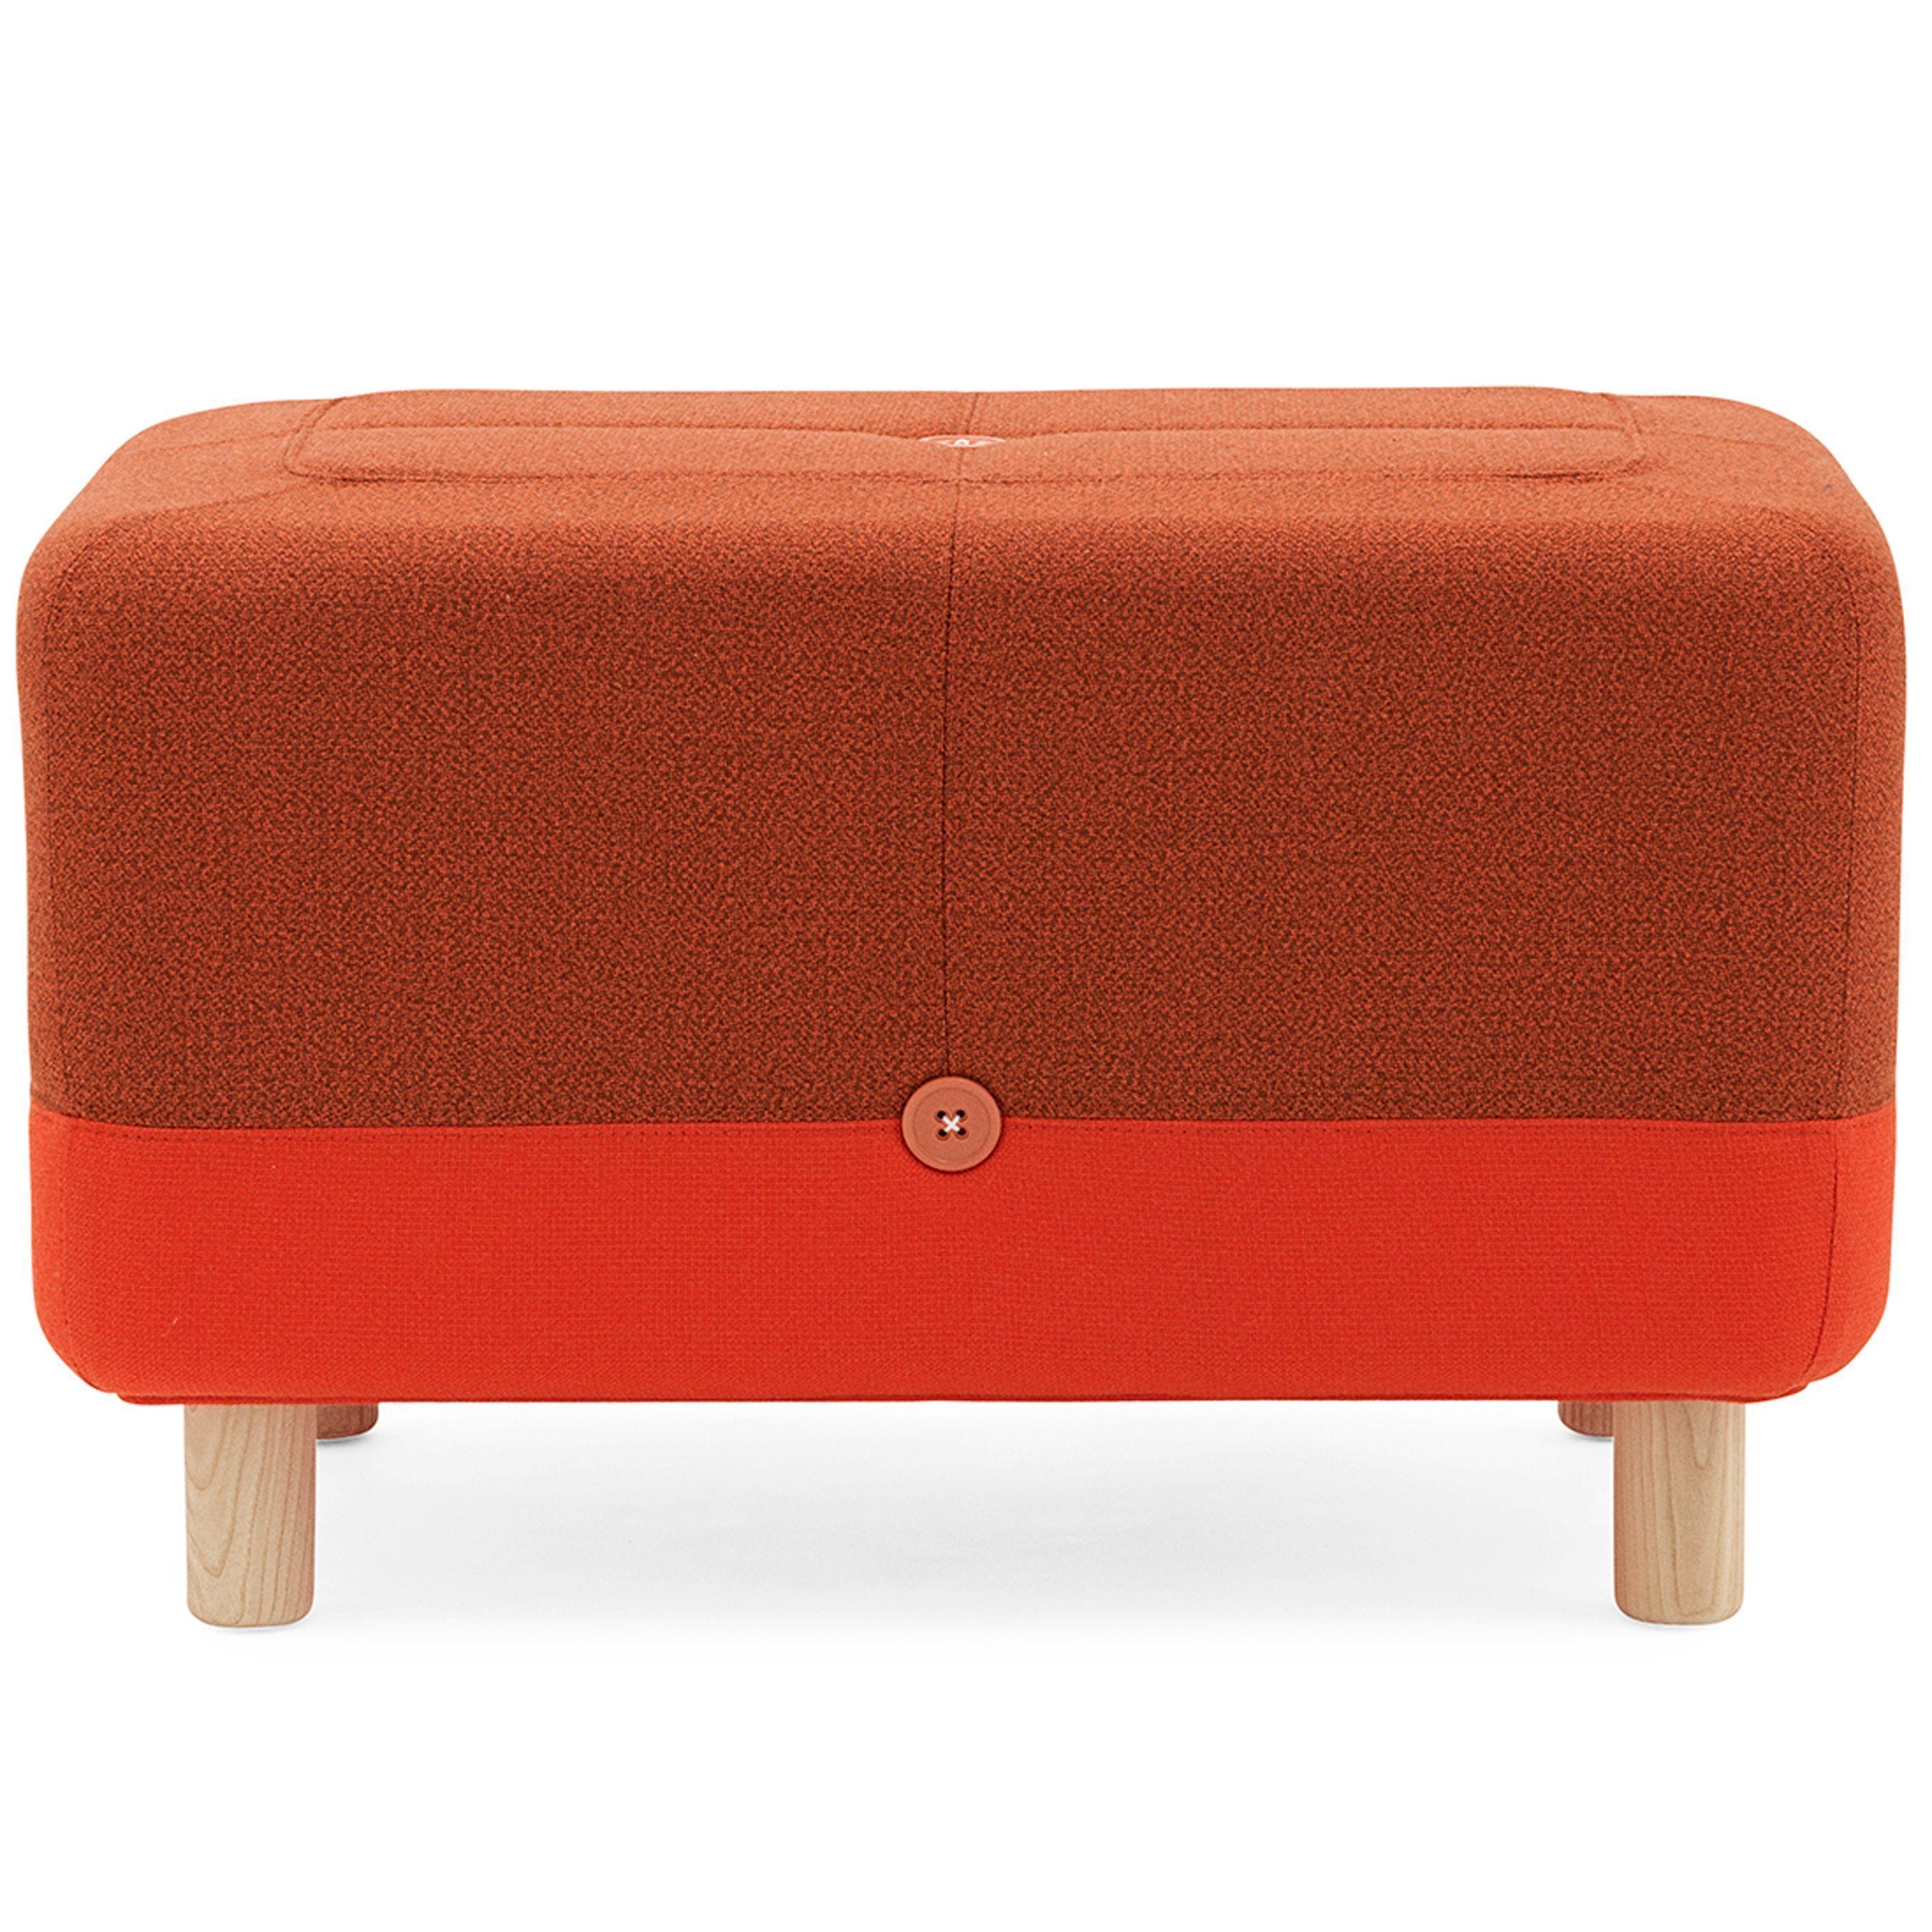 Normann Copenhagen Sumo poef oranje/rood kopen